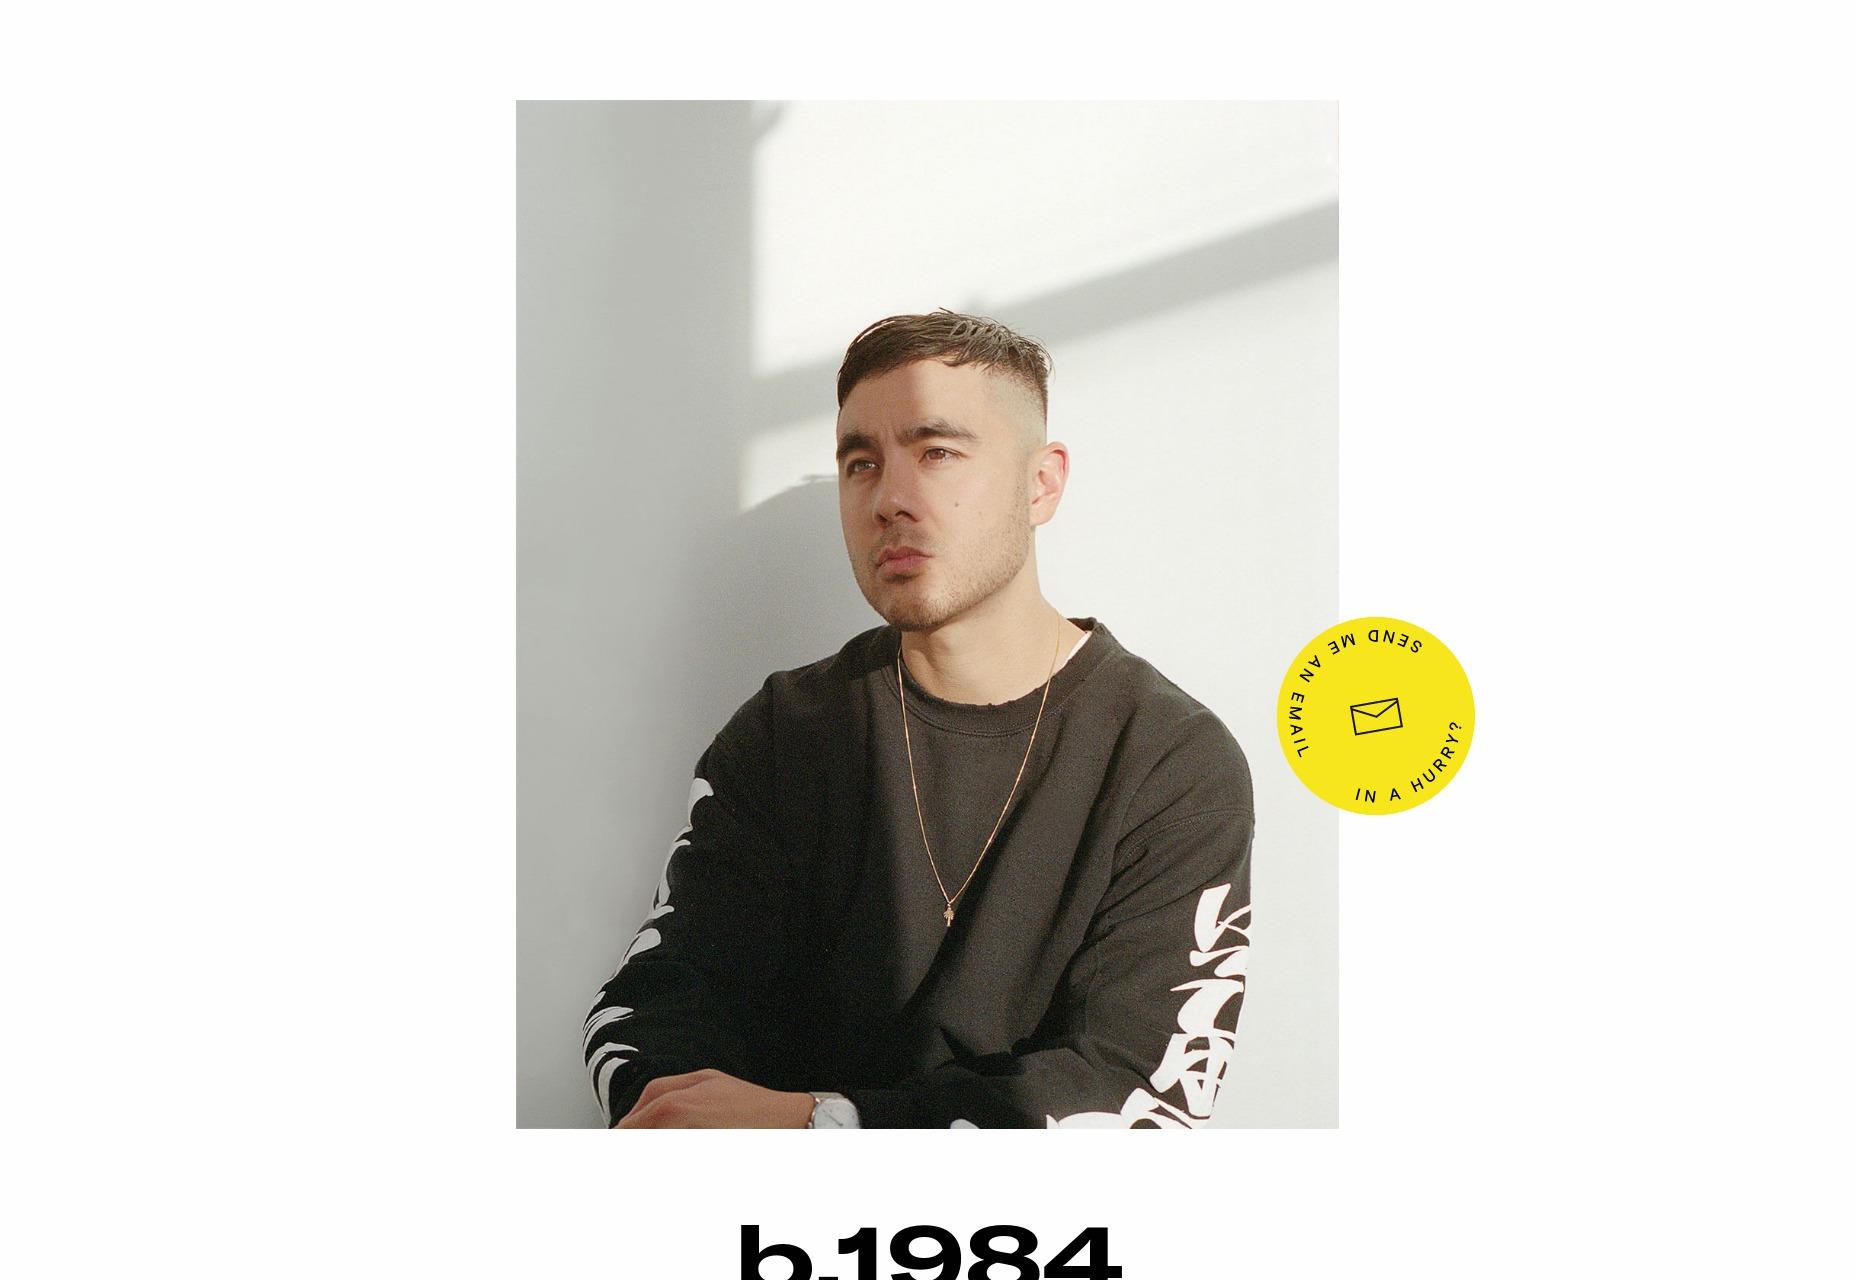 19 - Seb